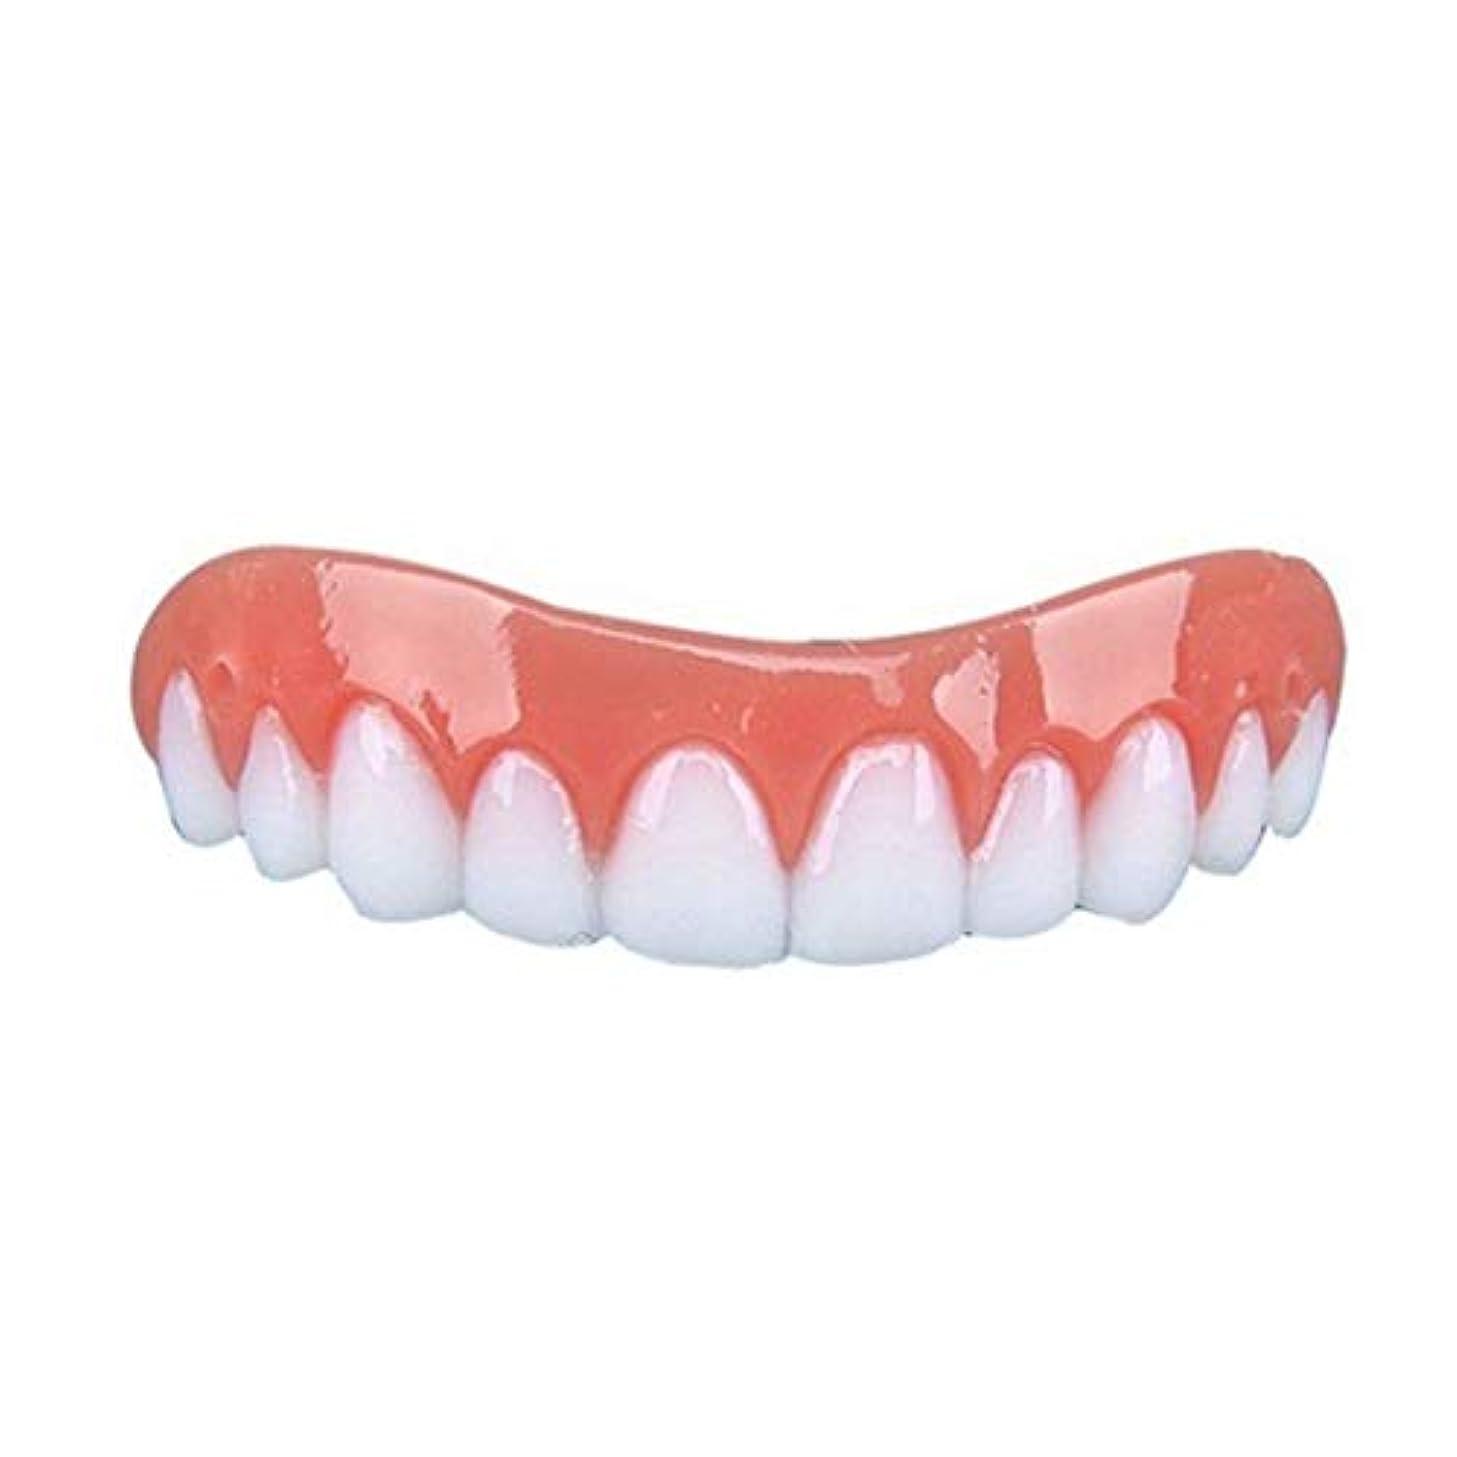 狂気方程式修正Bartram 歯カバー シリコン義歯ペースト 上歯 笑顔を保つ 歯保護 美容用 入れ歯 矯正義歯